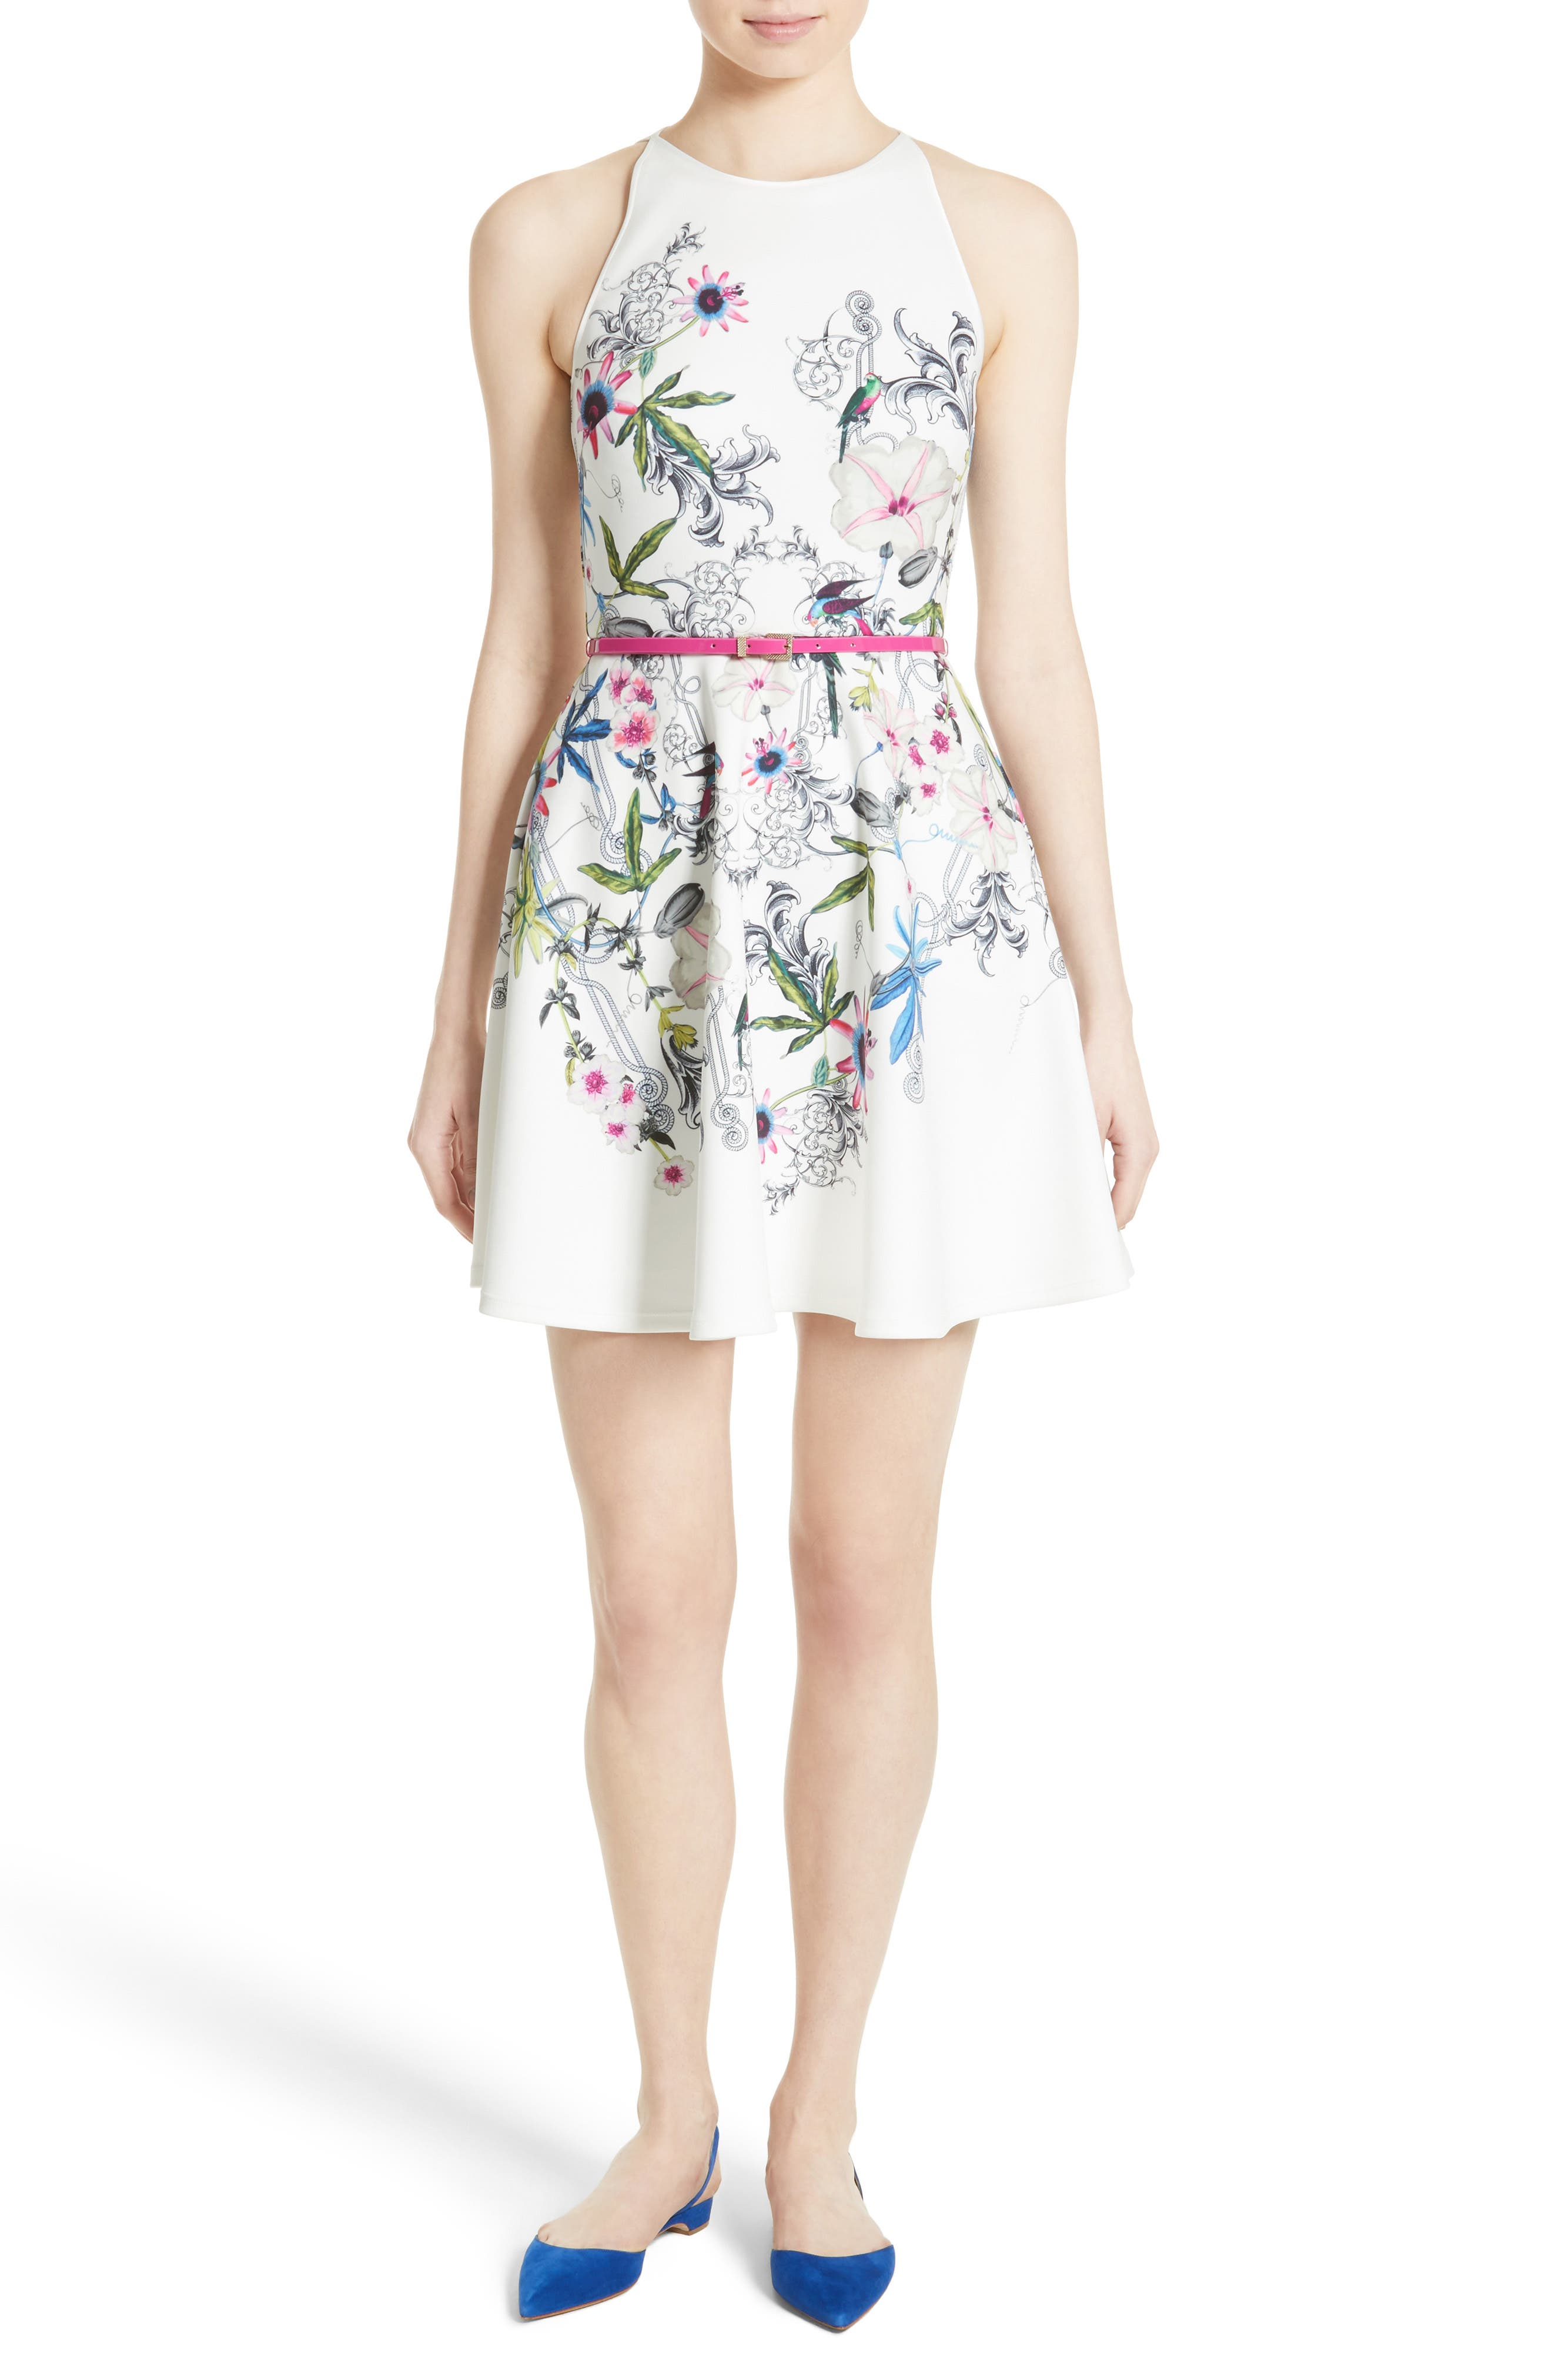 Alternate Image 1 Selected - Ted Baker London Samm Floral Fit & Flare Dress